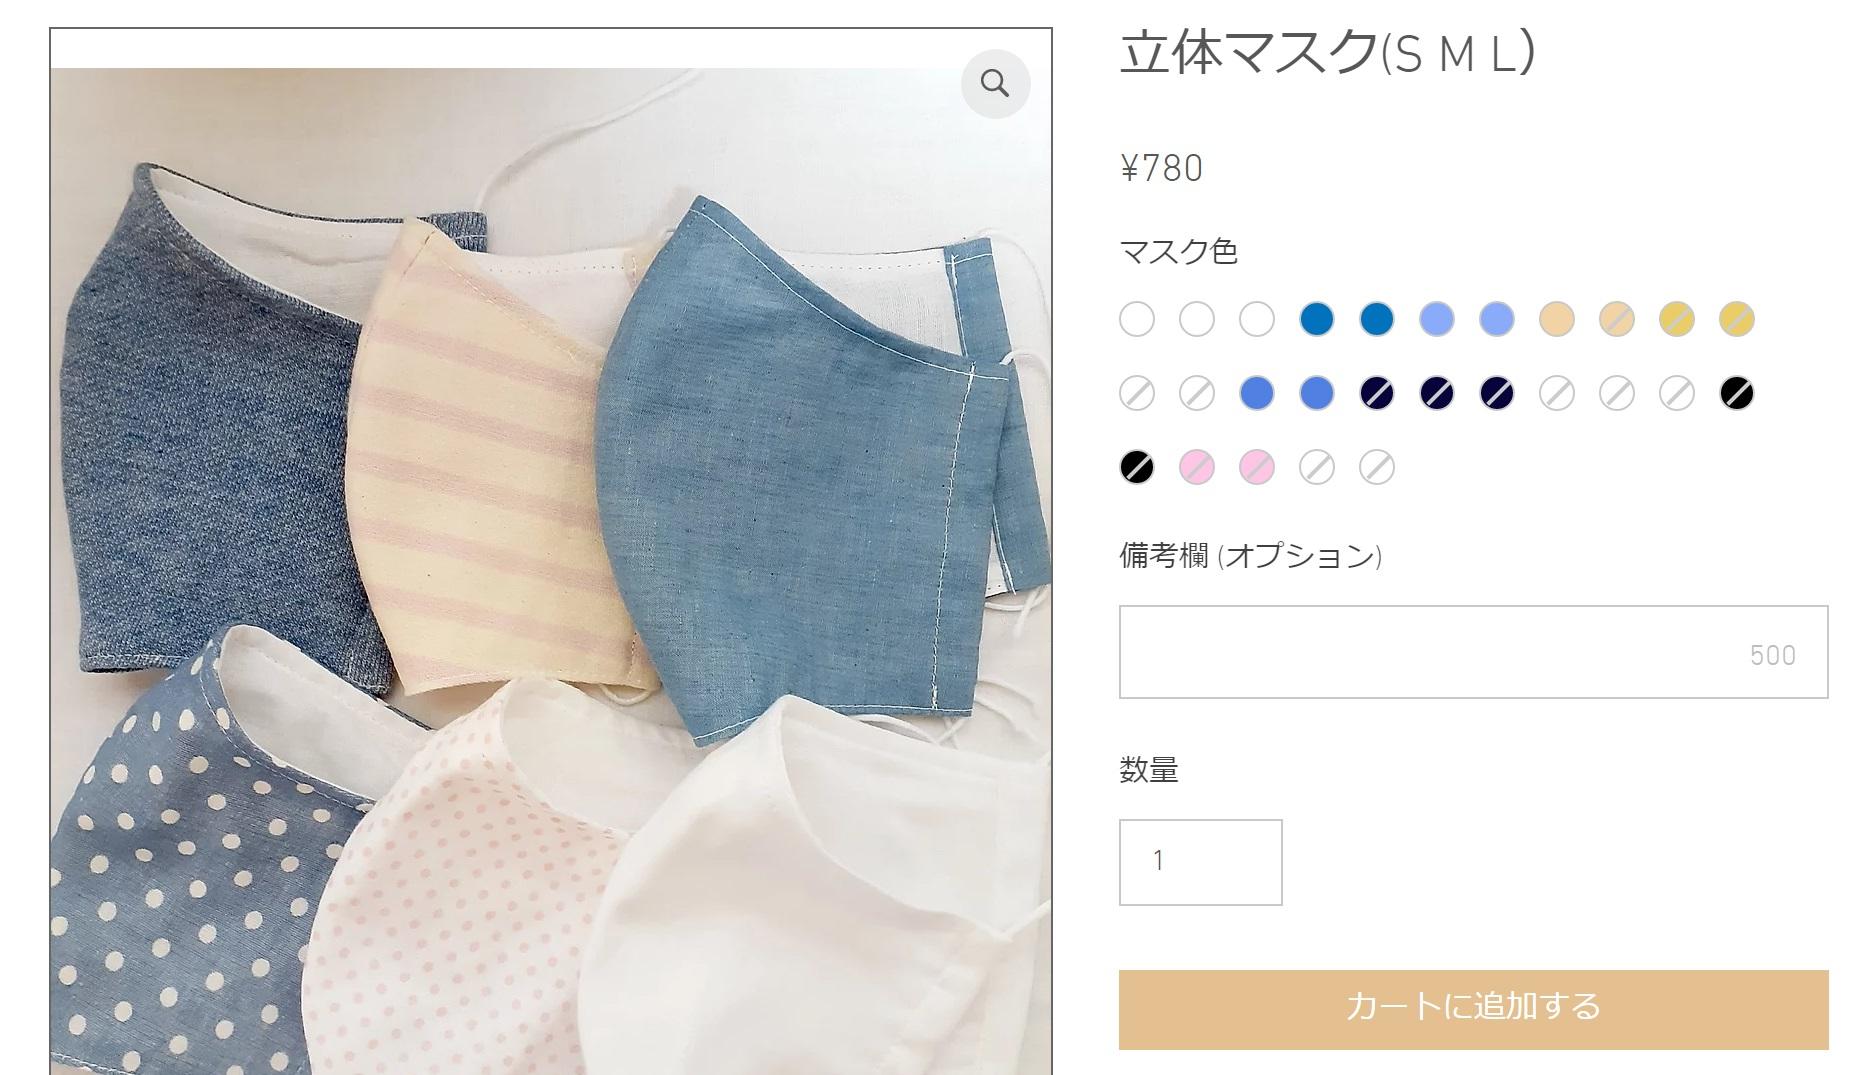 マスク700円